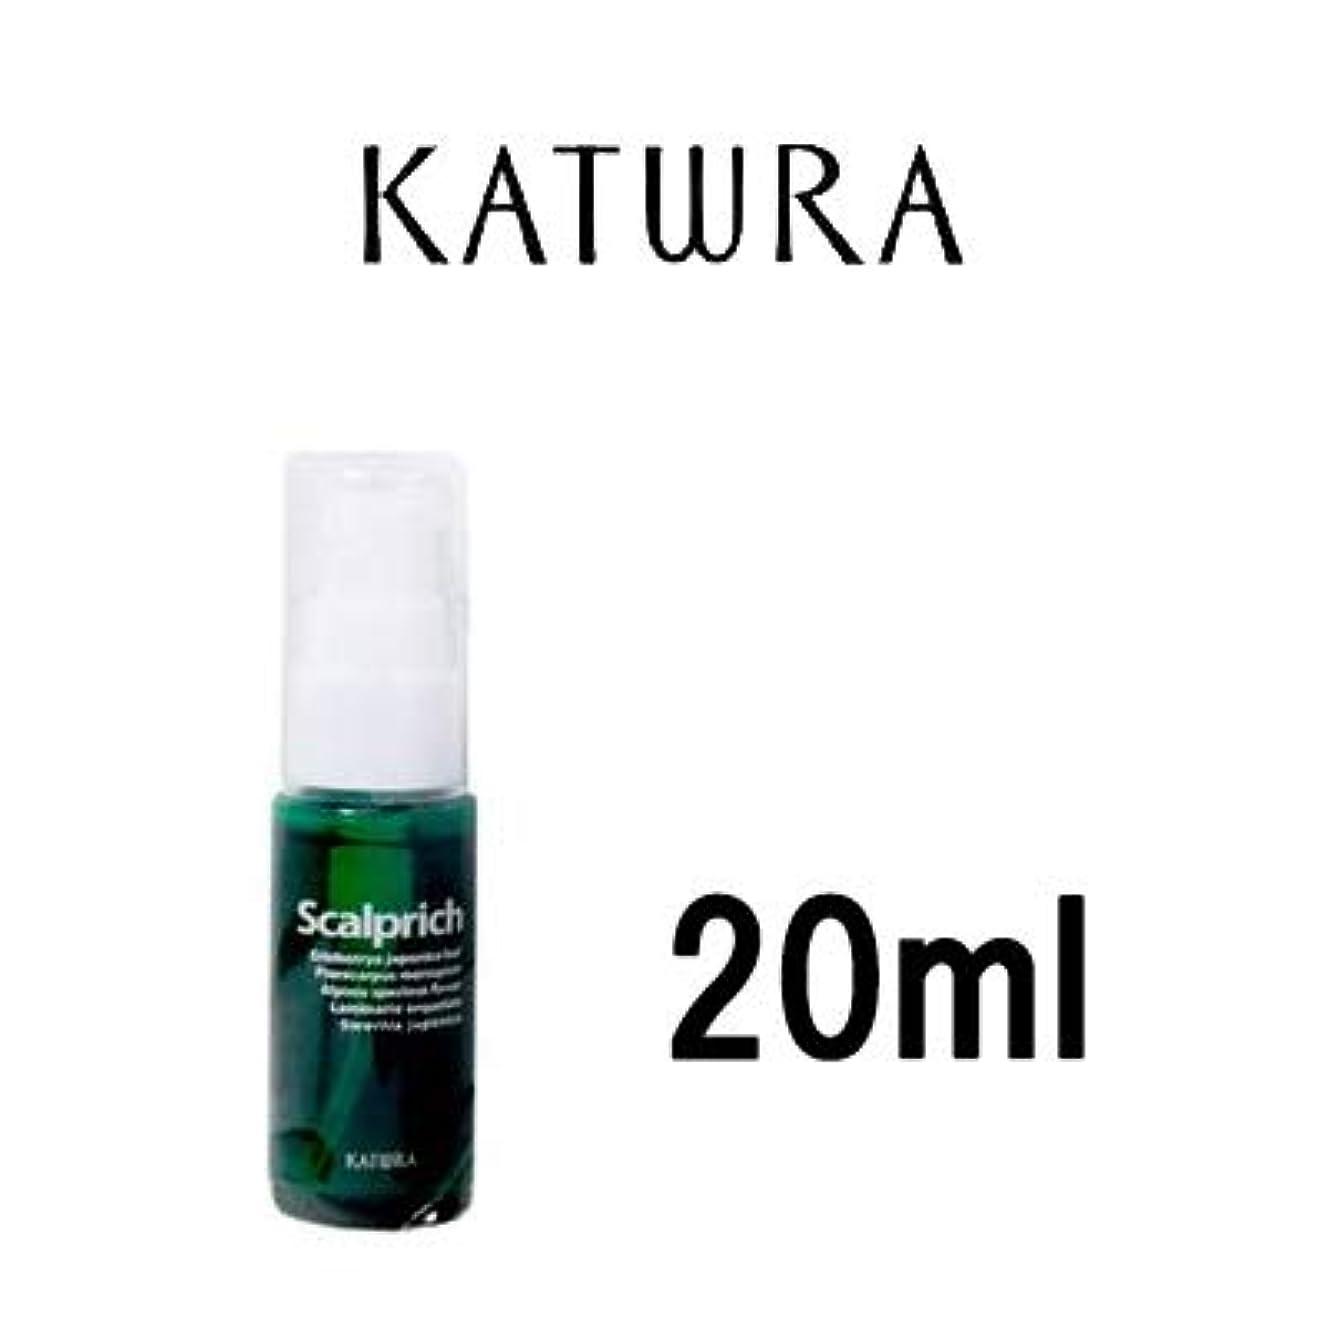 回路印をつけるポルノカツウラ KATWRA スカルプリッチ 20mL